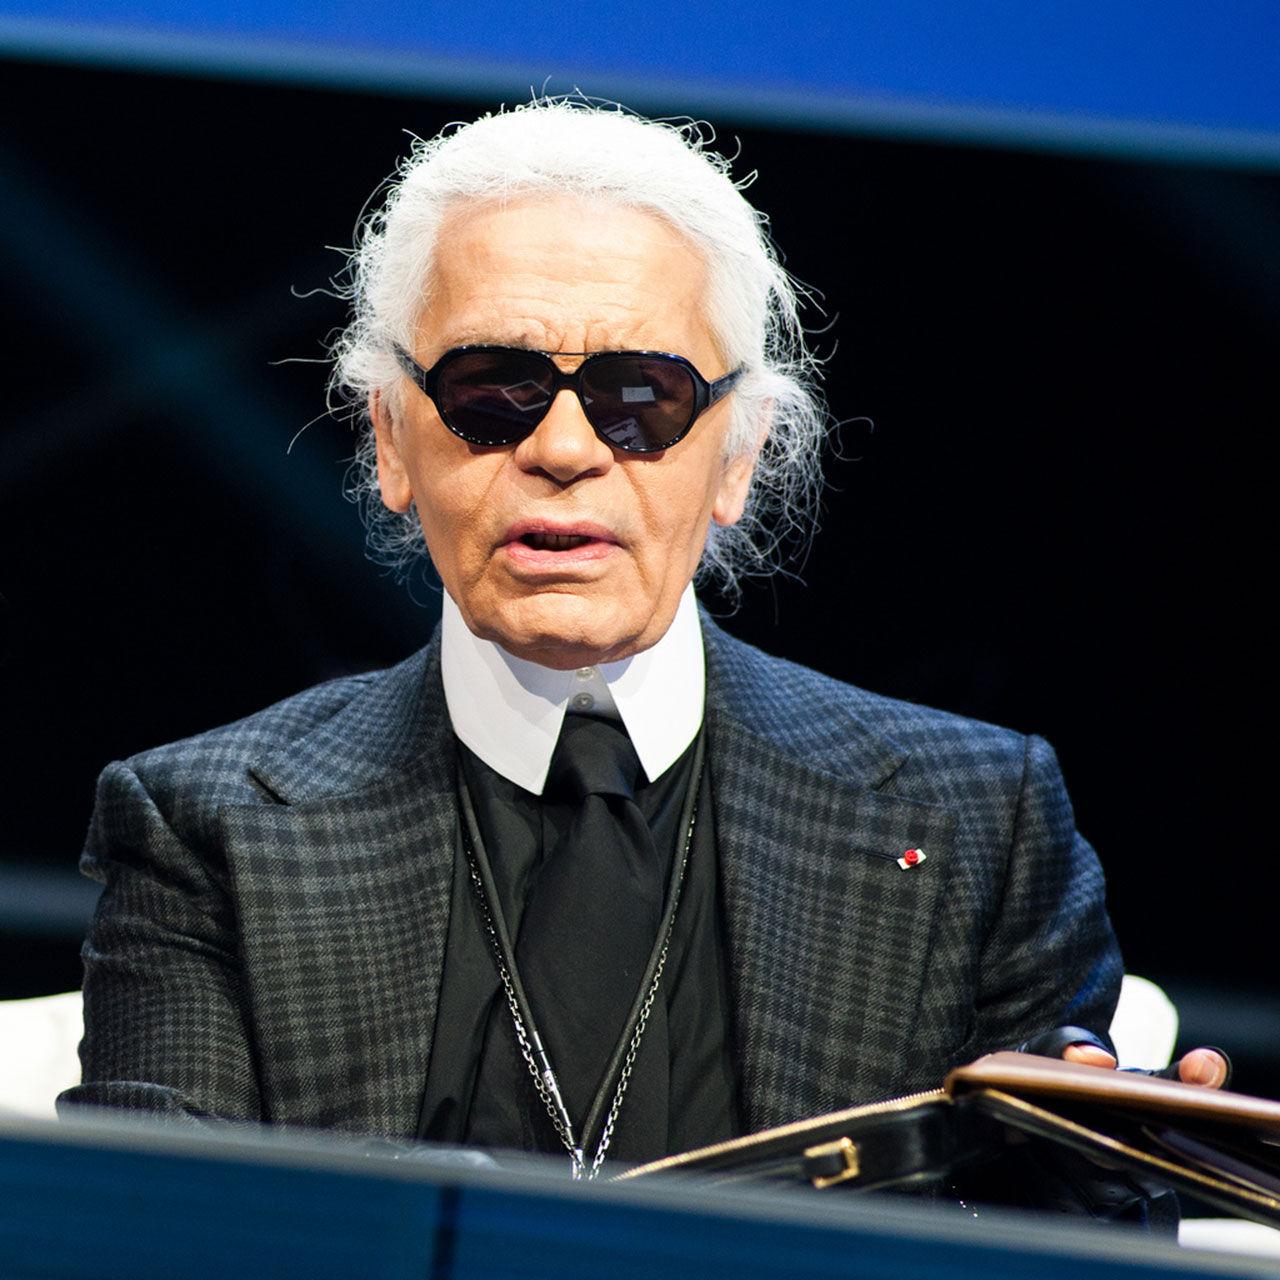 Modedesignern Karl Lagerfeld har gått bort